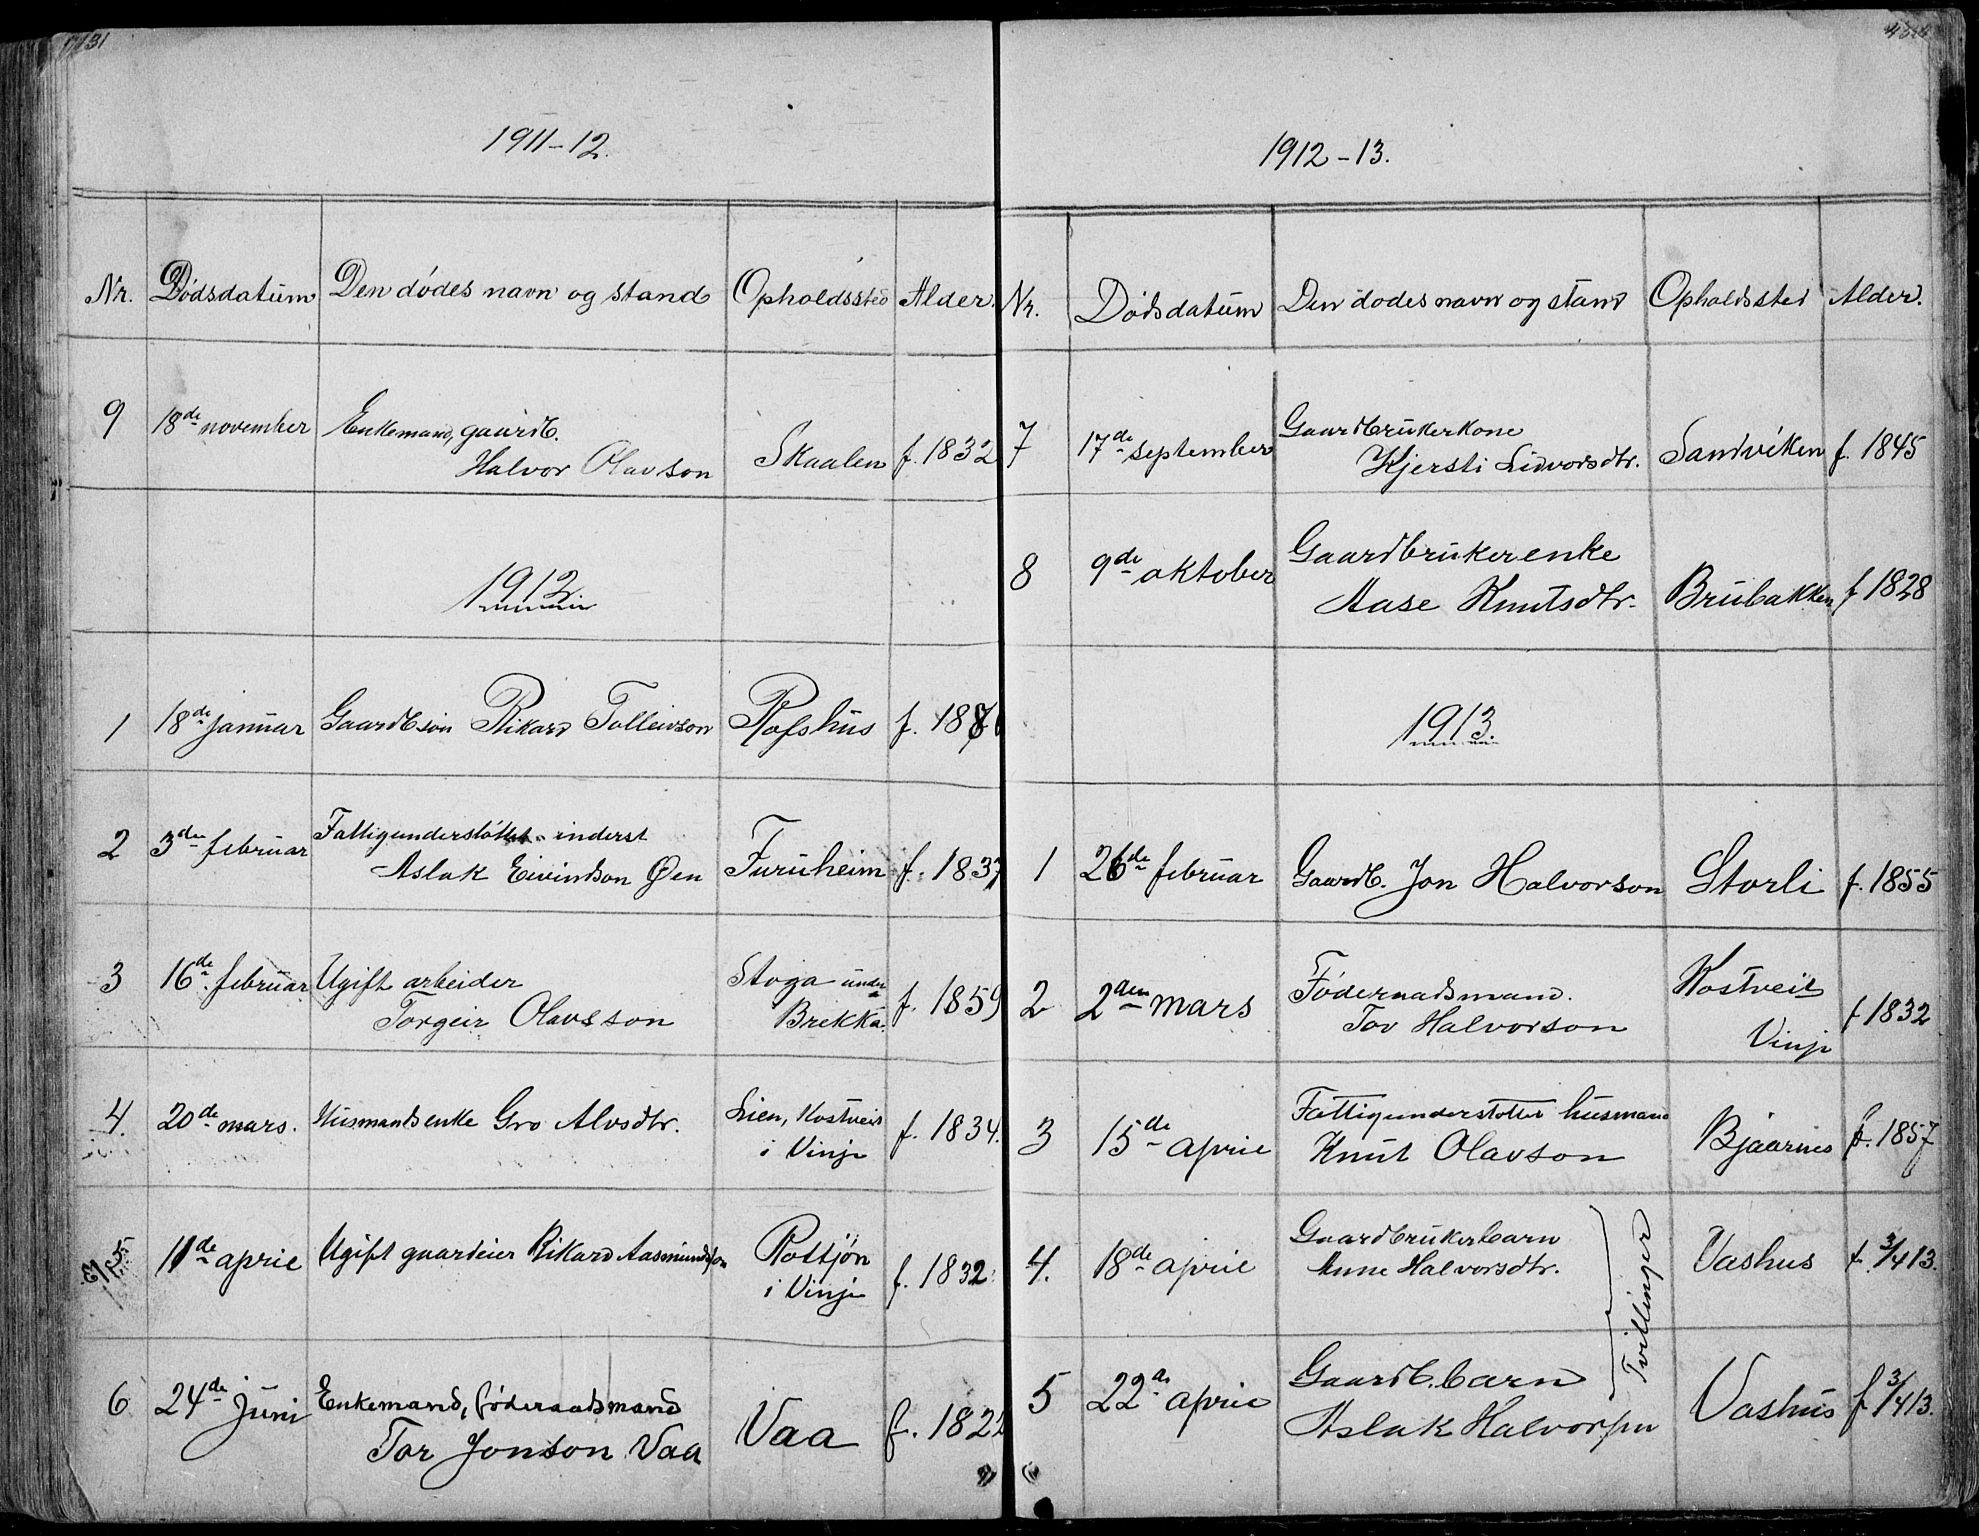 SAKO, Rauland kirkebøker, G/Ga/L0002: Klokkerbok nr. I 2, 1849-1935, s. 431-432